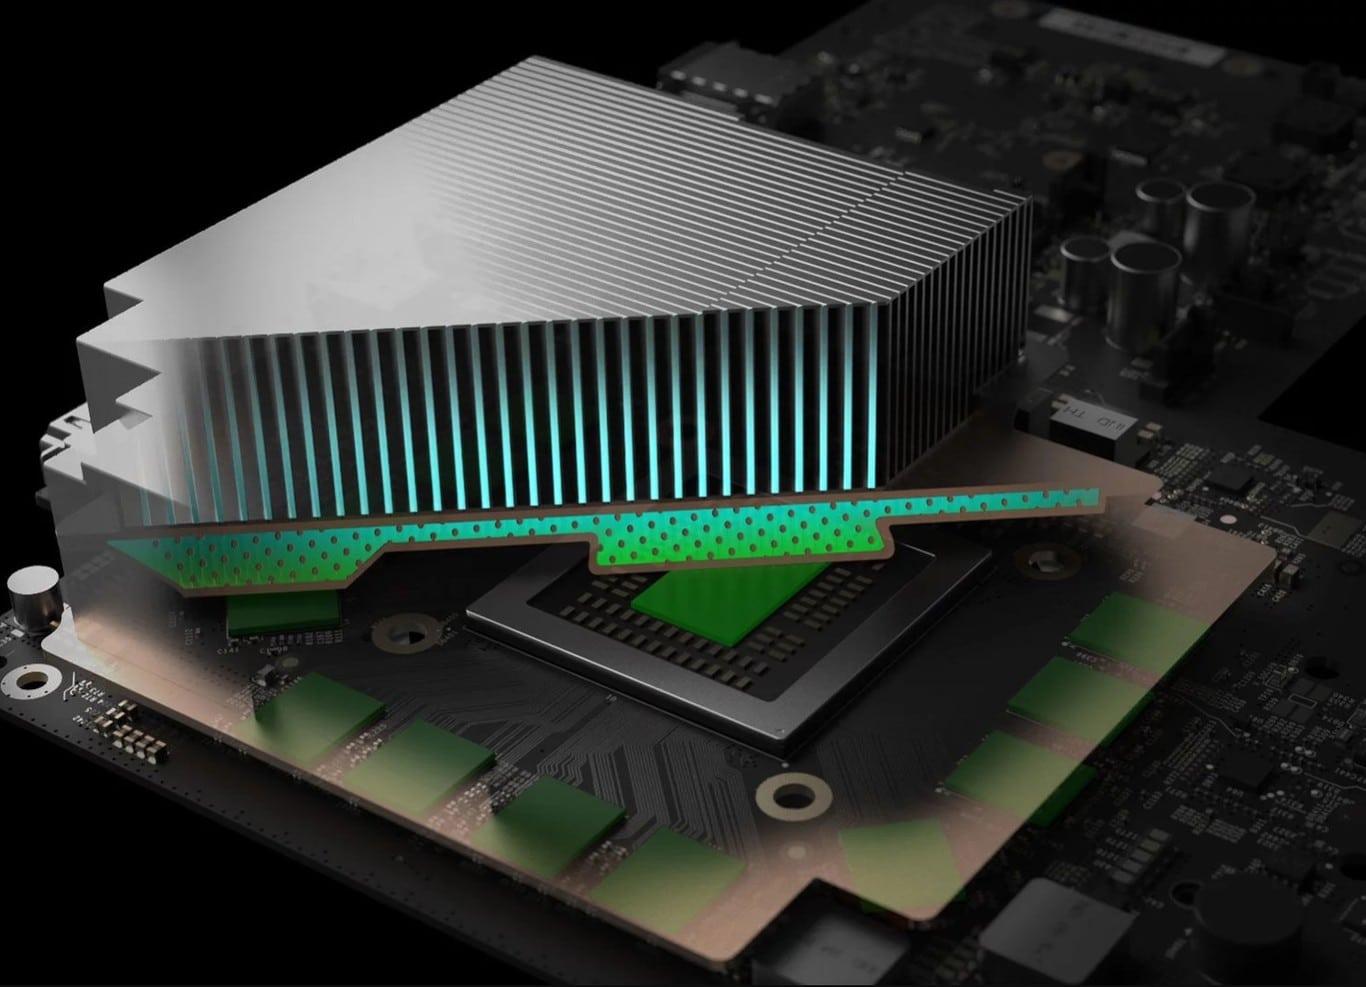 Xbox One X ¿Se puede construir un PC similar al mismo precio?